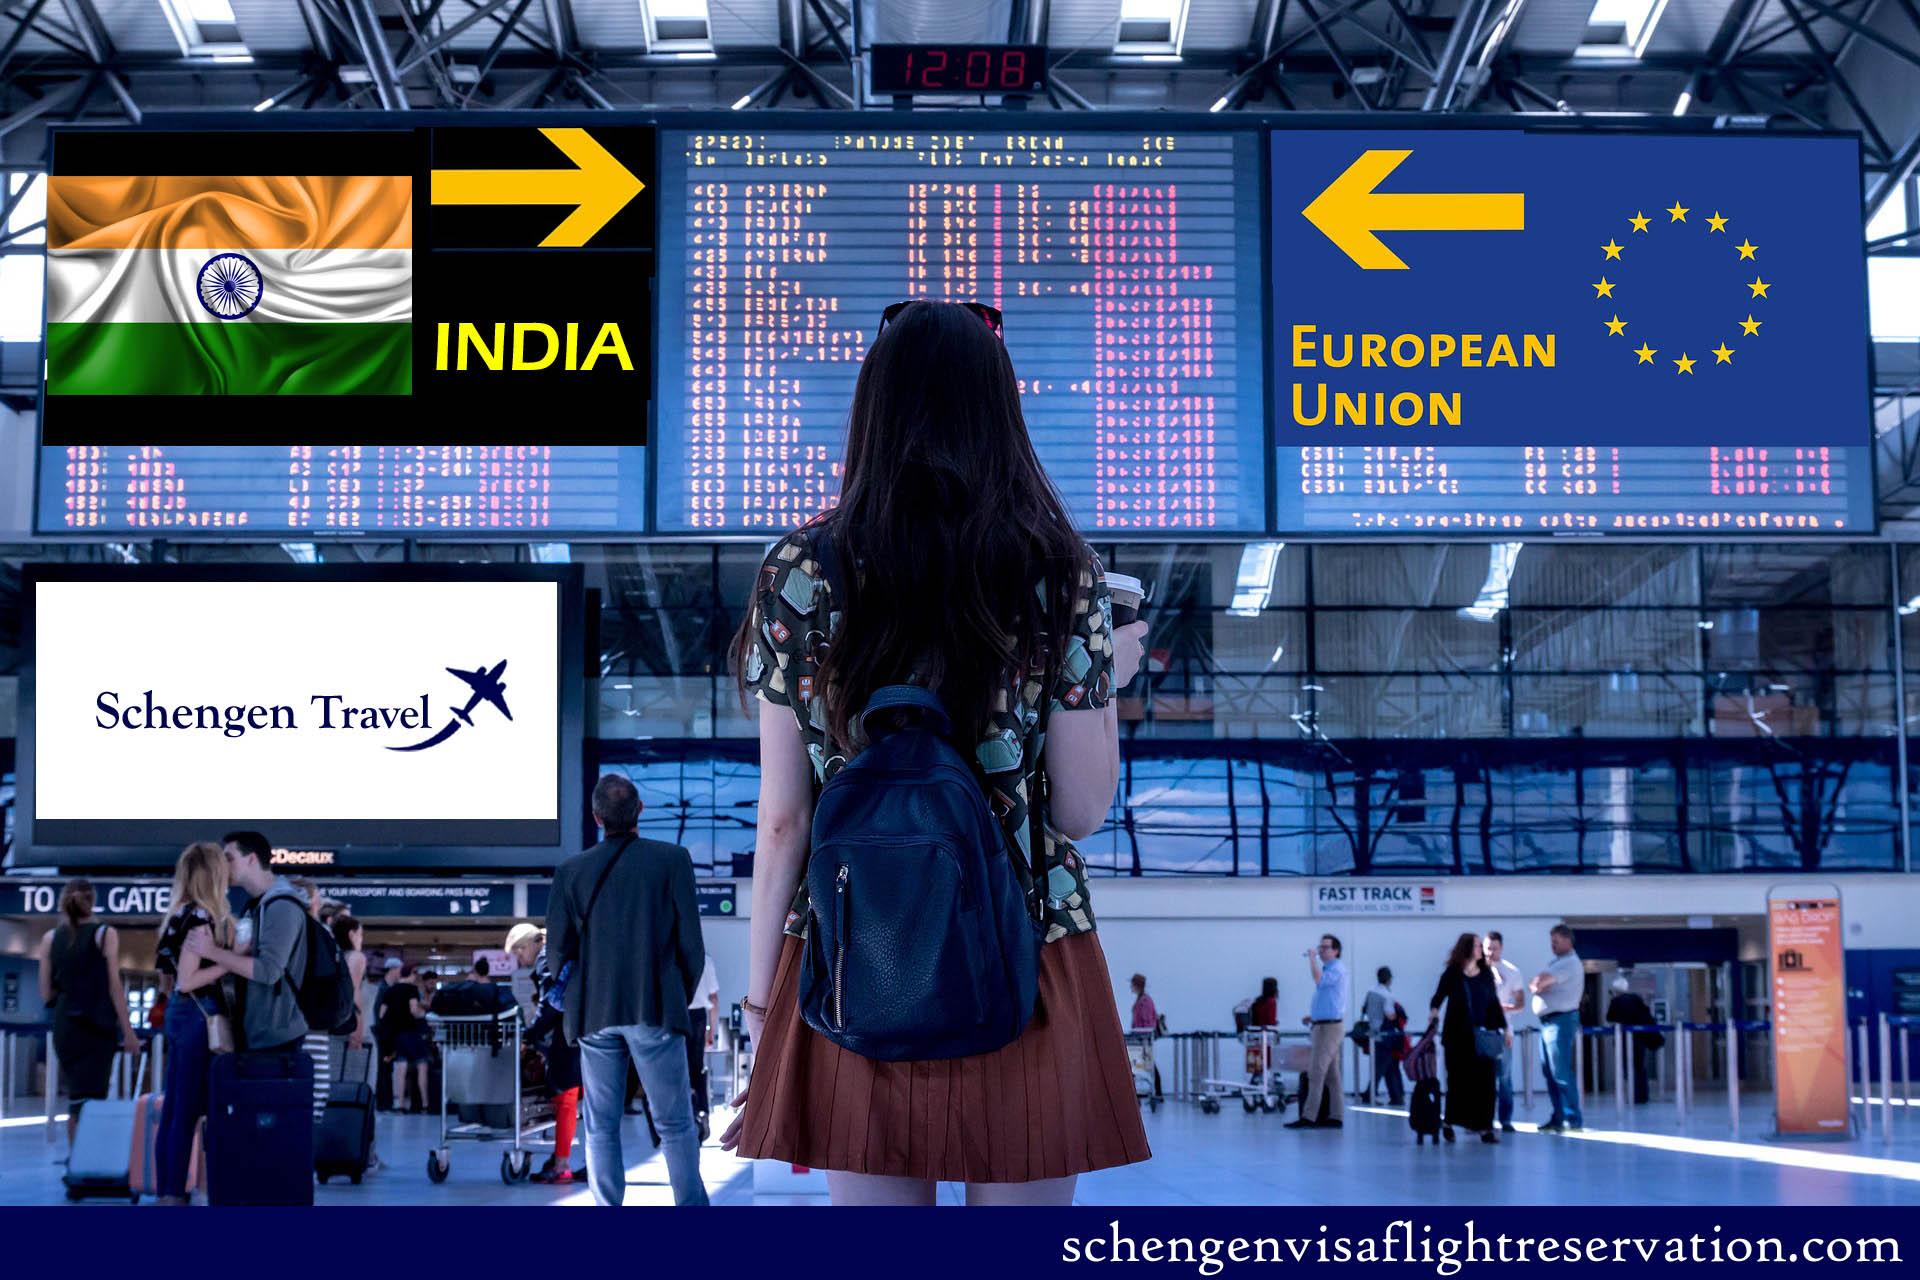 Apply for Schengen Visa in India – European Visa requirement for Indian Nationals